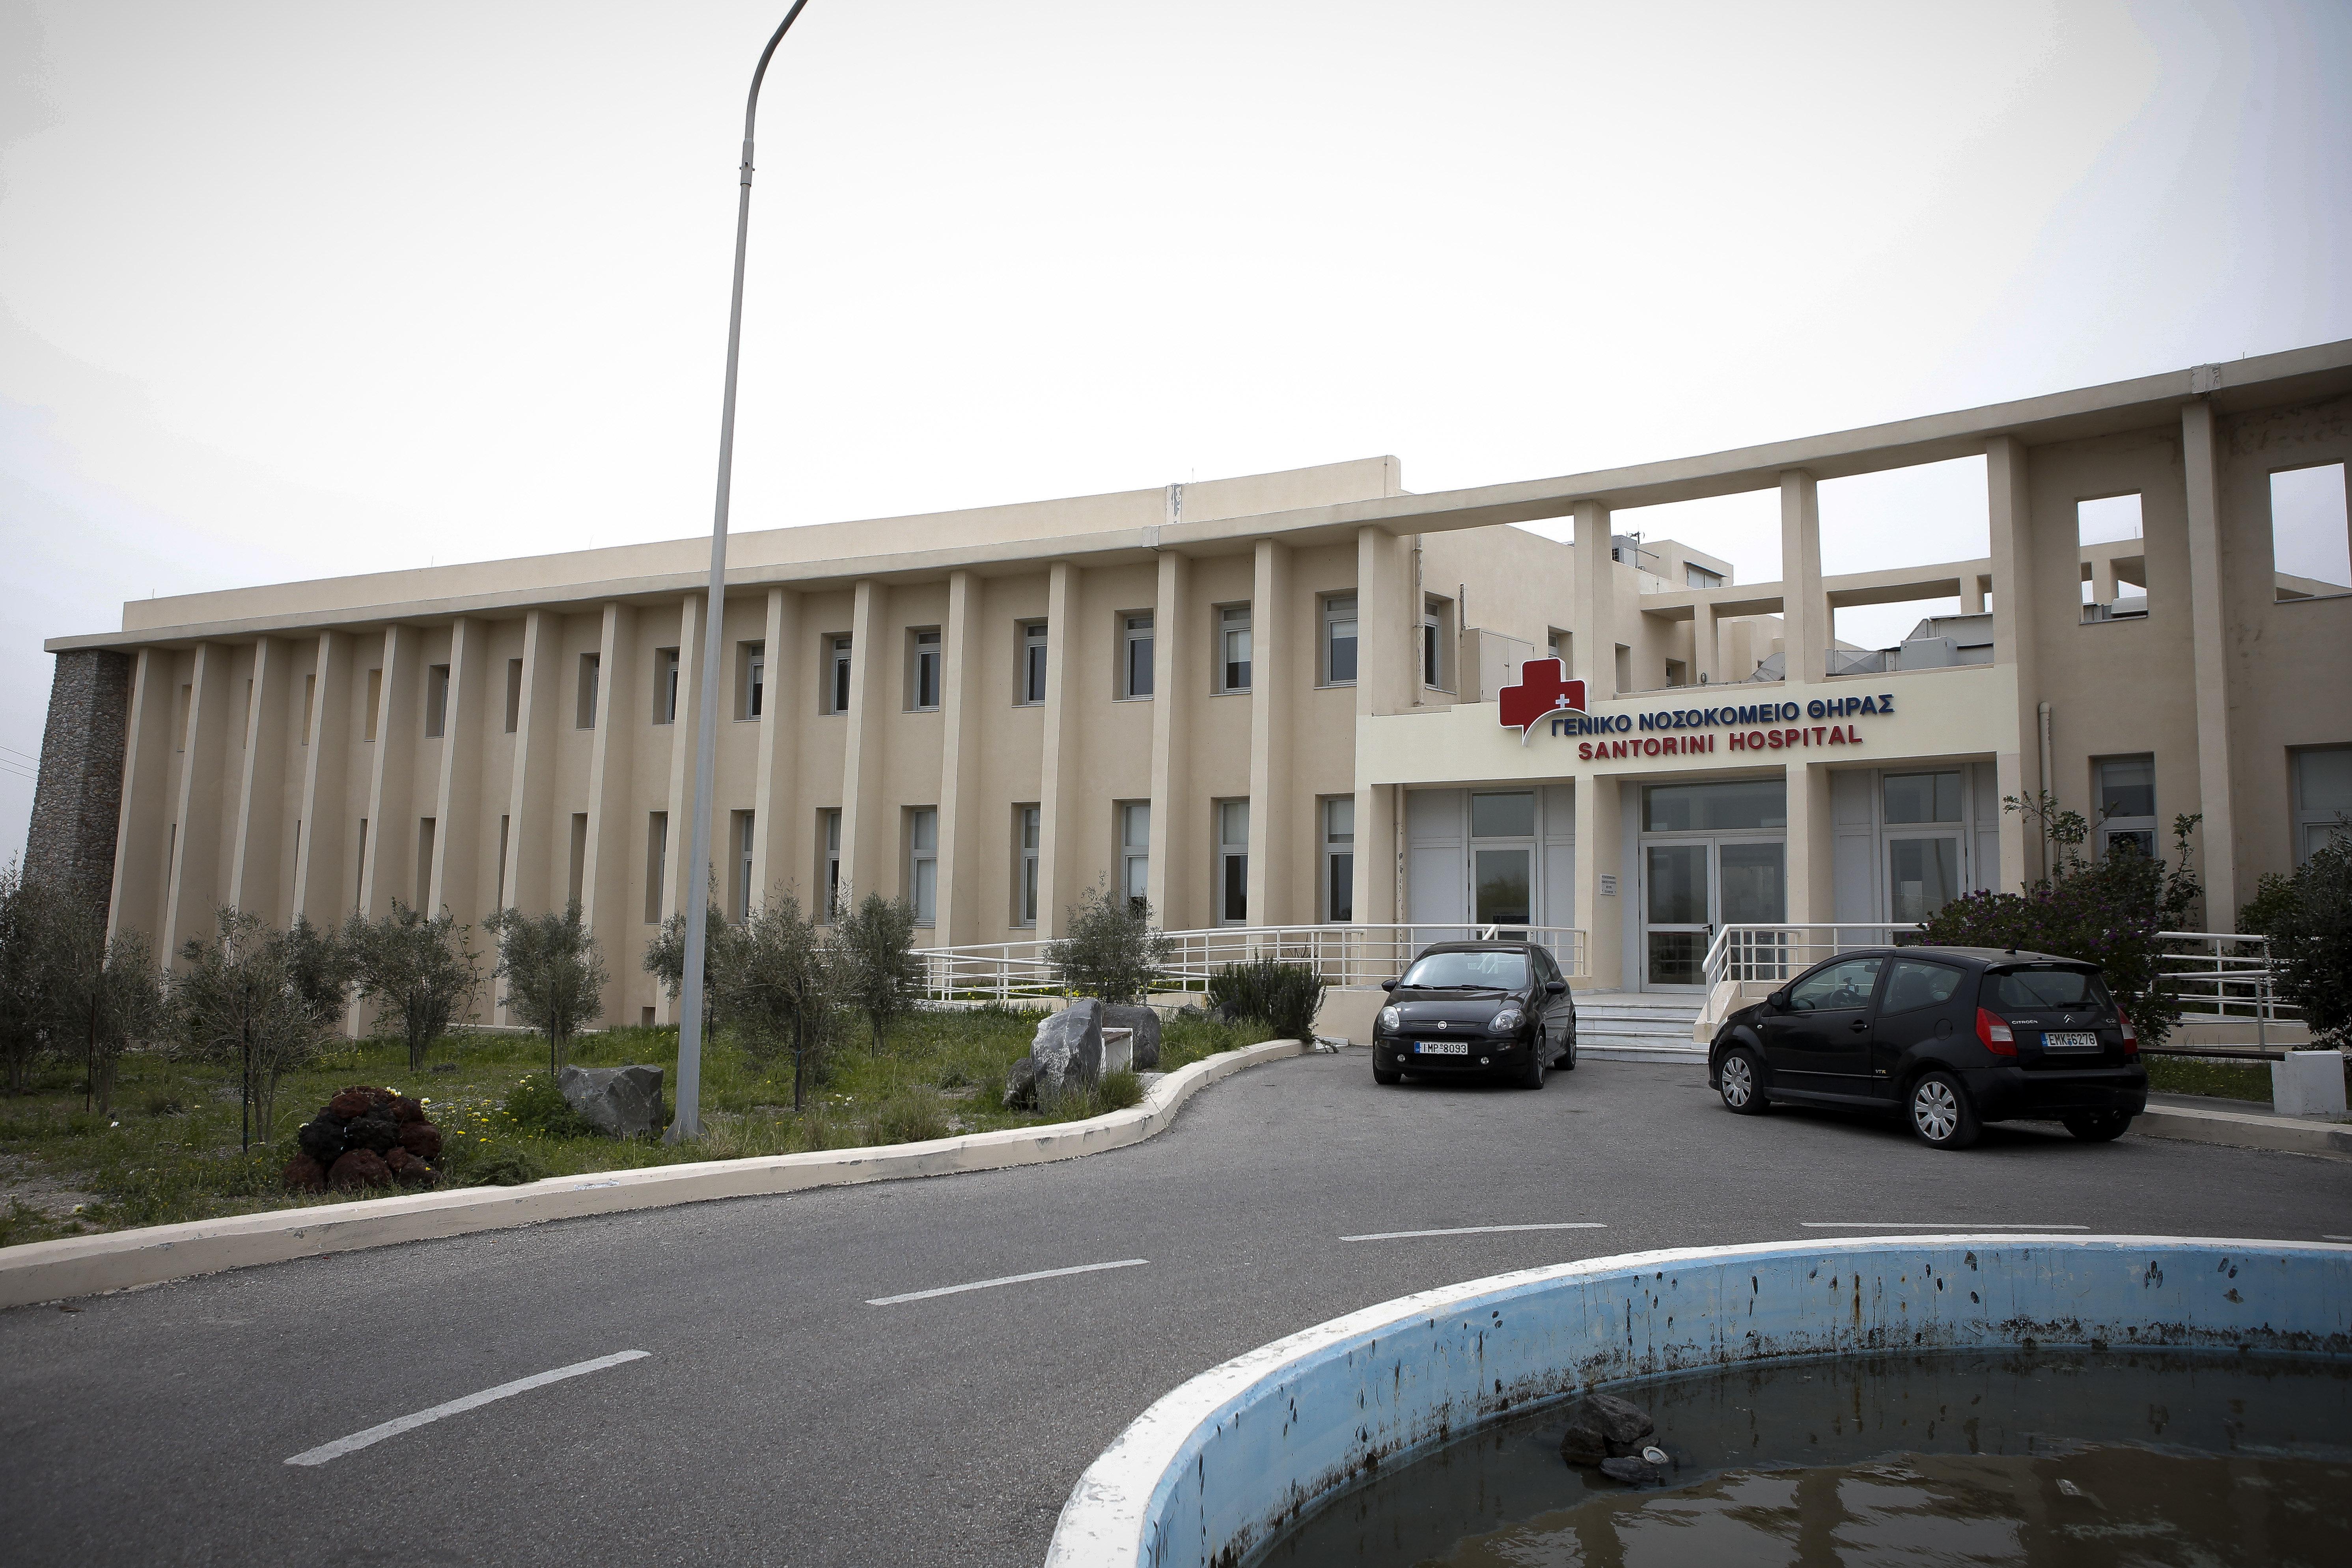 Νοσοκομειακοί γιατροί: Απεργία στην περιφέρεια, στάση εργασίας στην Αττική την